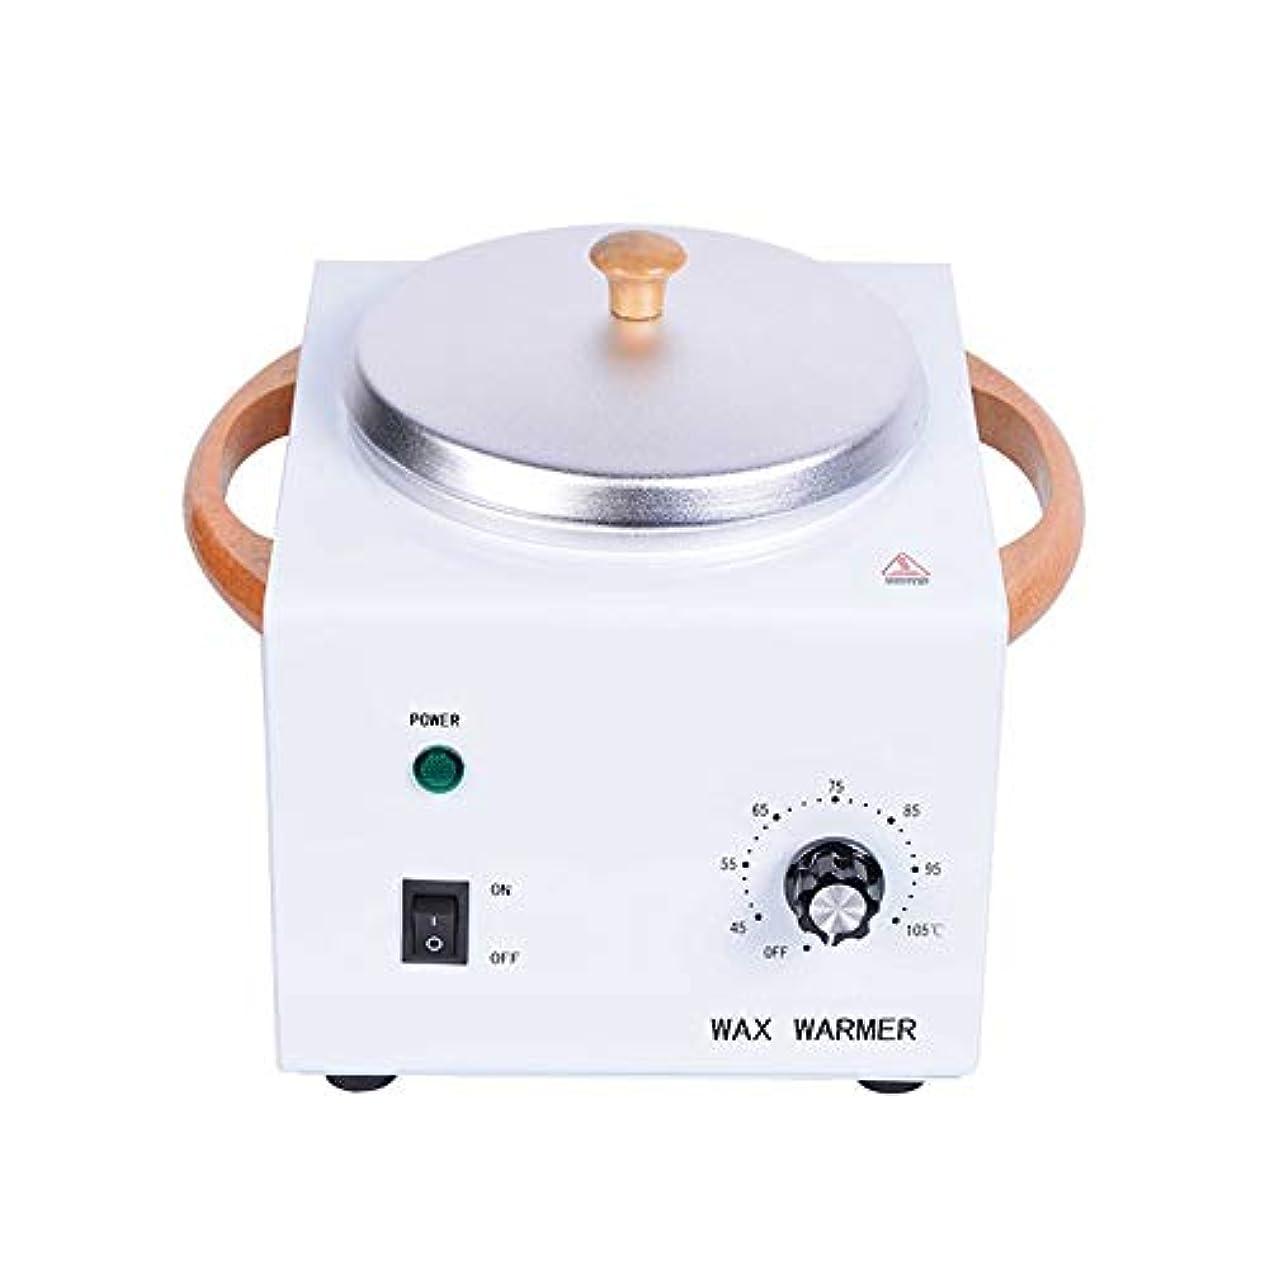 乳剤メロン内側500 MLワックスウォーマー、美容ワックスヒーターポット、プロフェッショナルサロンスパツール溶融ポット、調整可能な温度